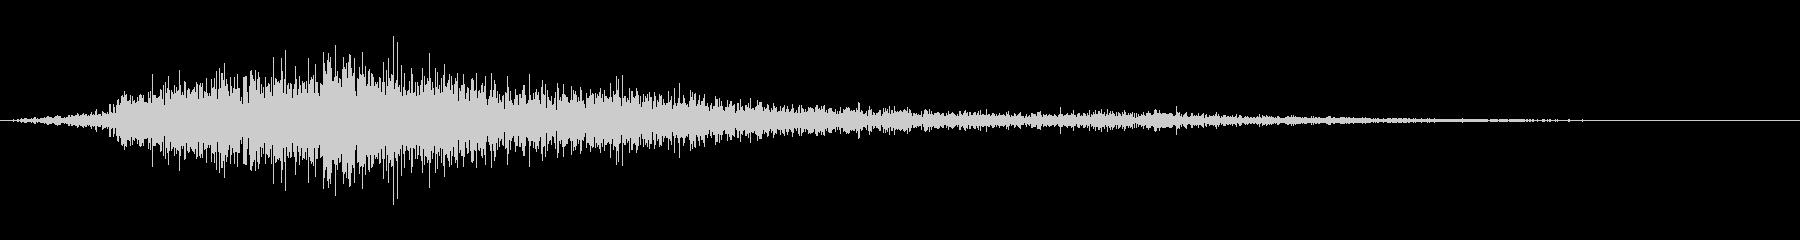 スモールスタジオオーディエンス:解...の未再生の波形